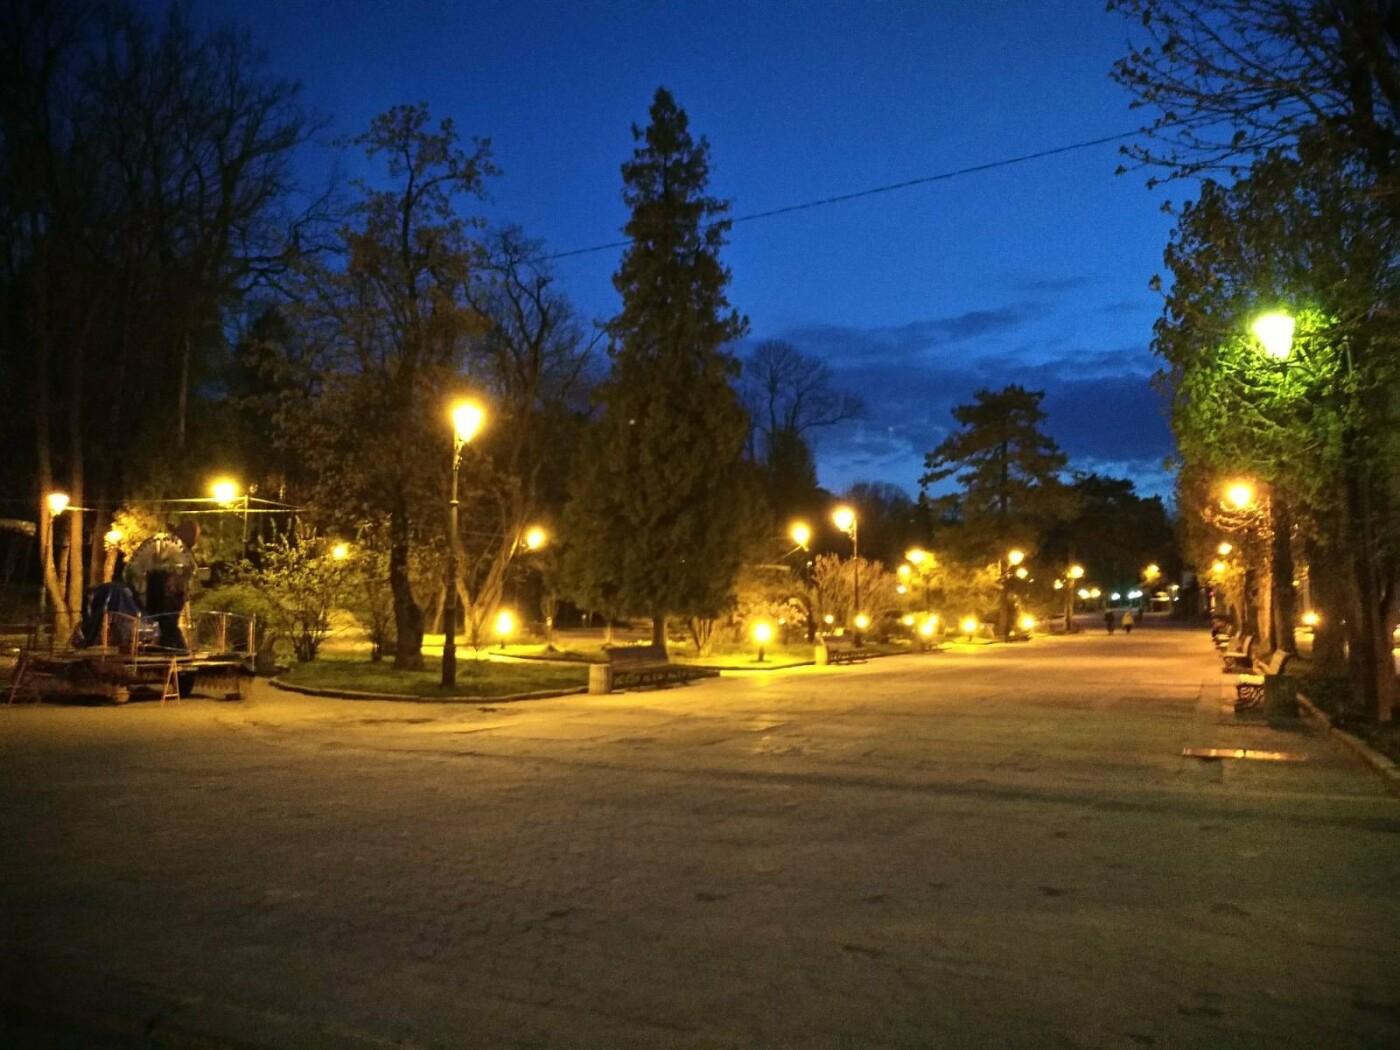 Дивовижний Трускавець: вечірній фотоогляд центральної частини міста-курорту, фото-9, Фото - 03247.com.ua